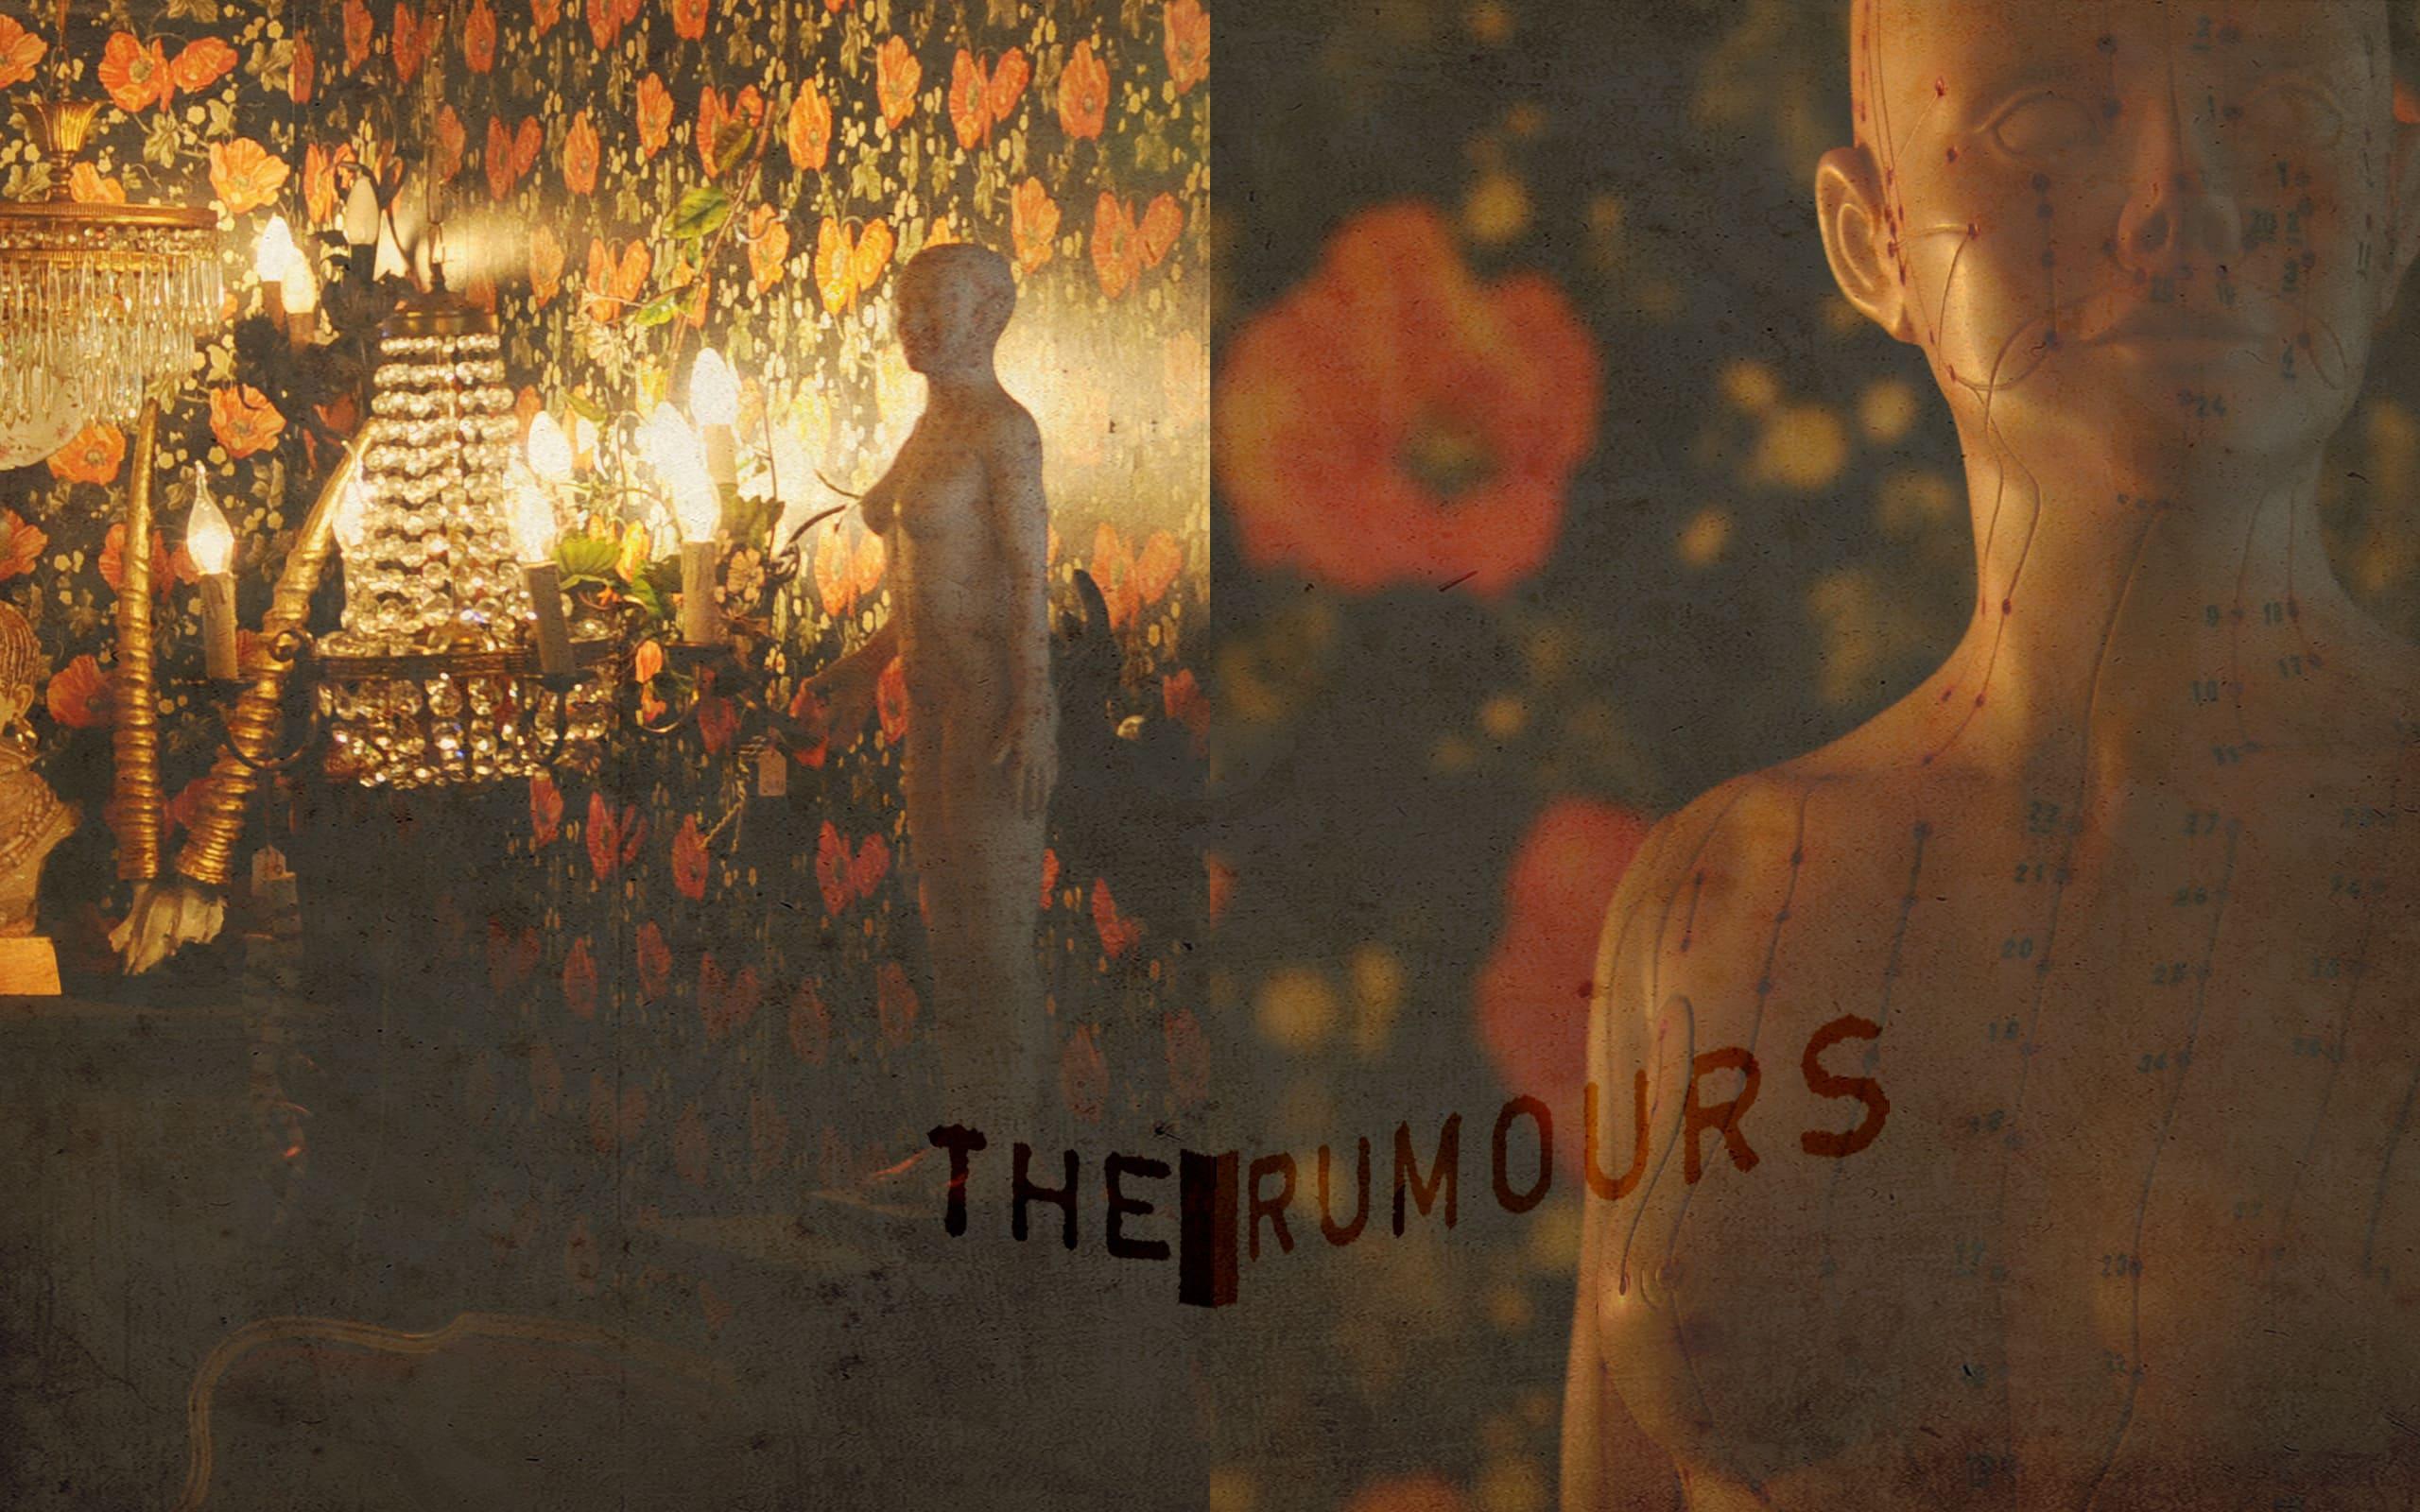 Rumours7